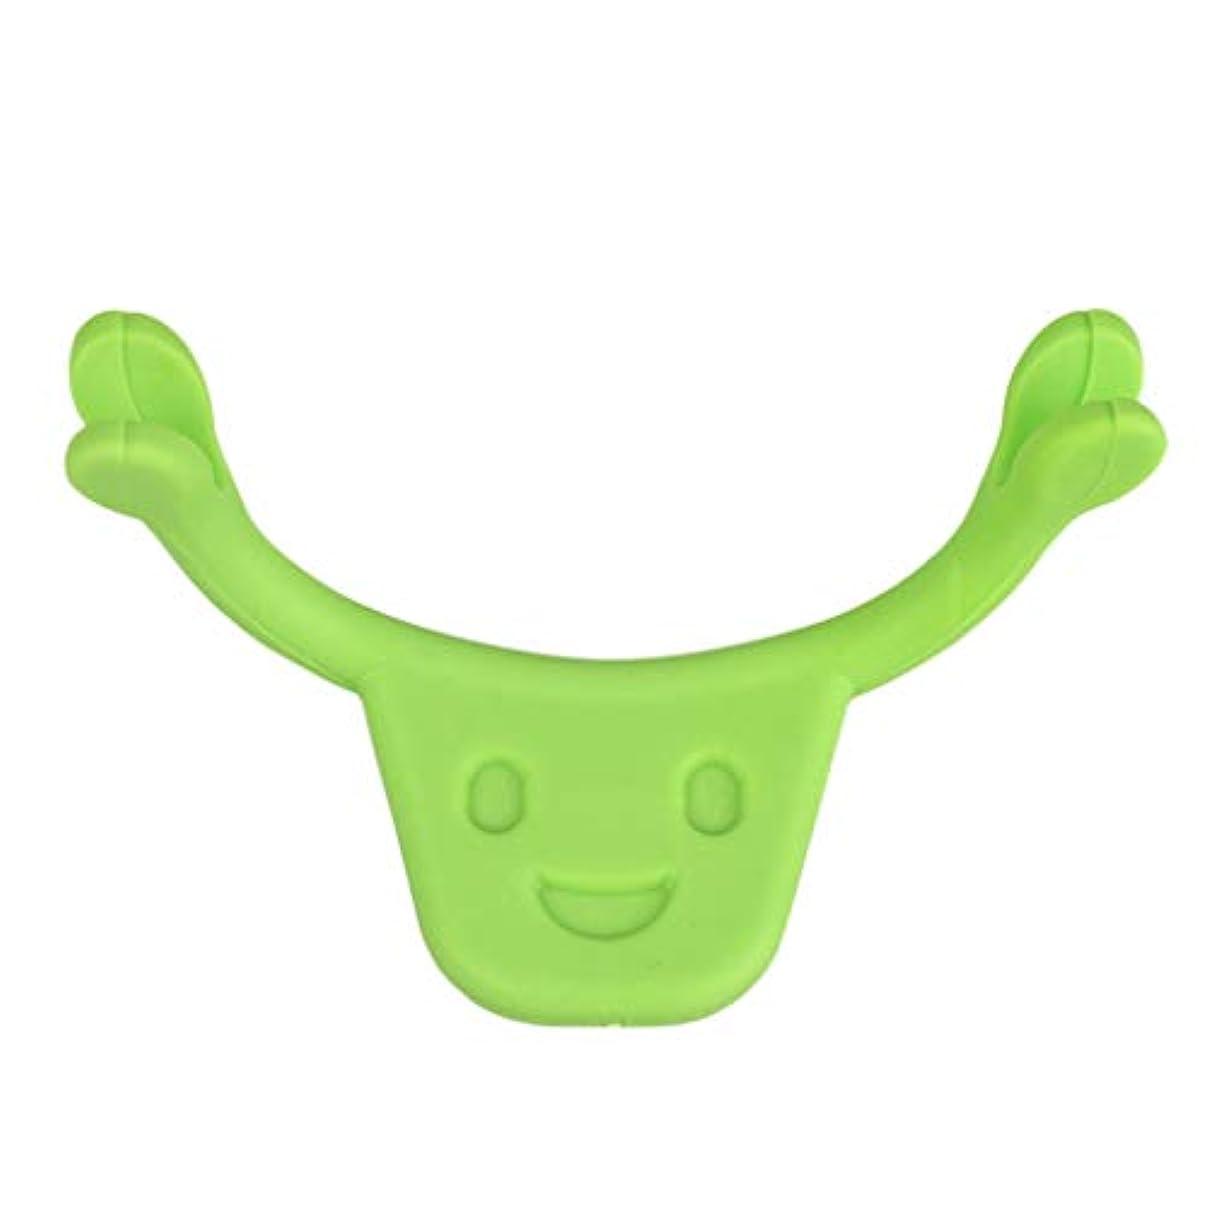 地獄談話ゴム表情筋 トレーニング 小顔 ストレッチ 笑顔 トレーニング器具 フェイスエクササイズ ツール 全2色 - 緑